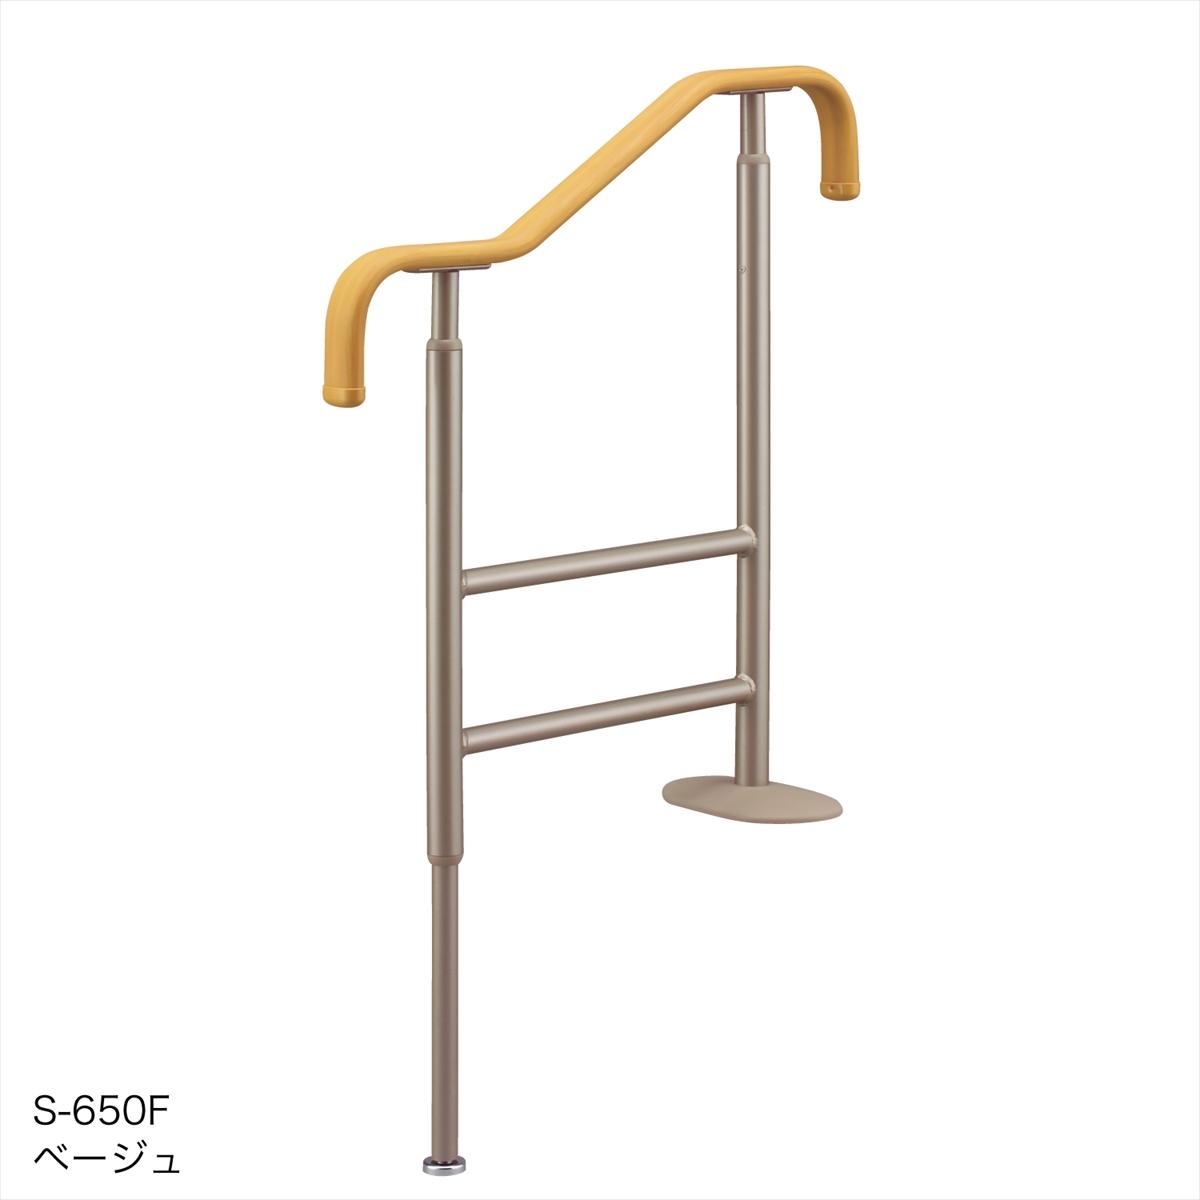 [アロン化成]安寿 上がりかまち用手すり フラット型固定板 S-650F 531-016